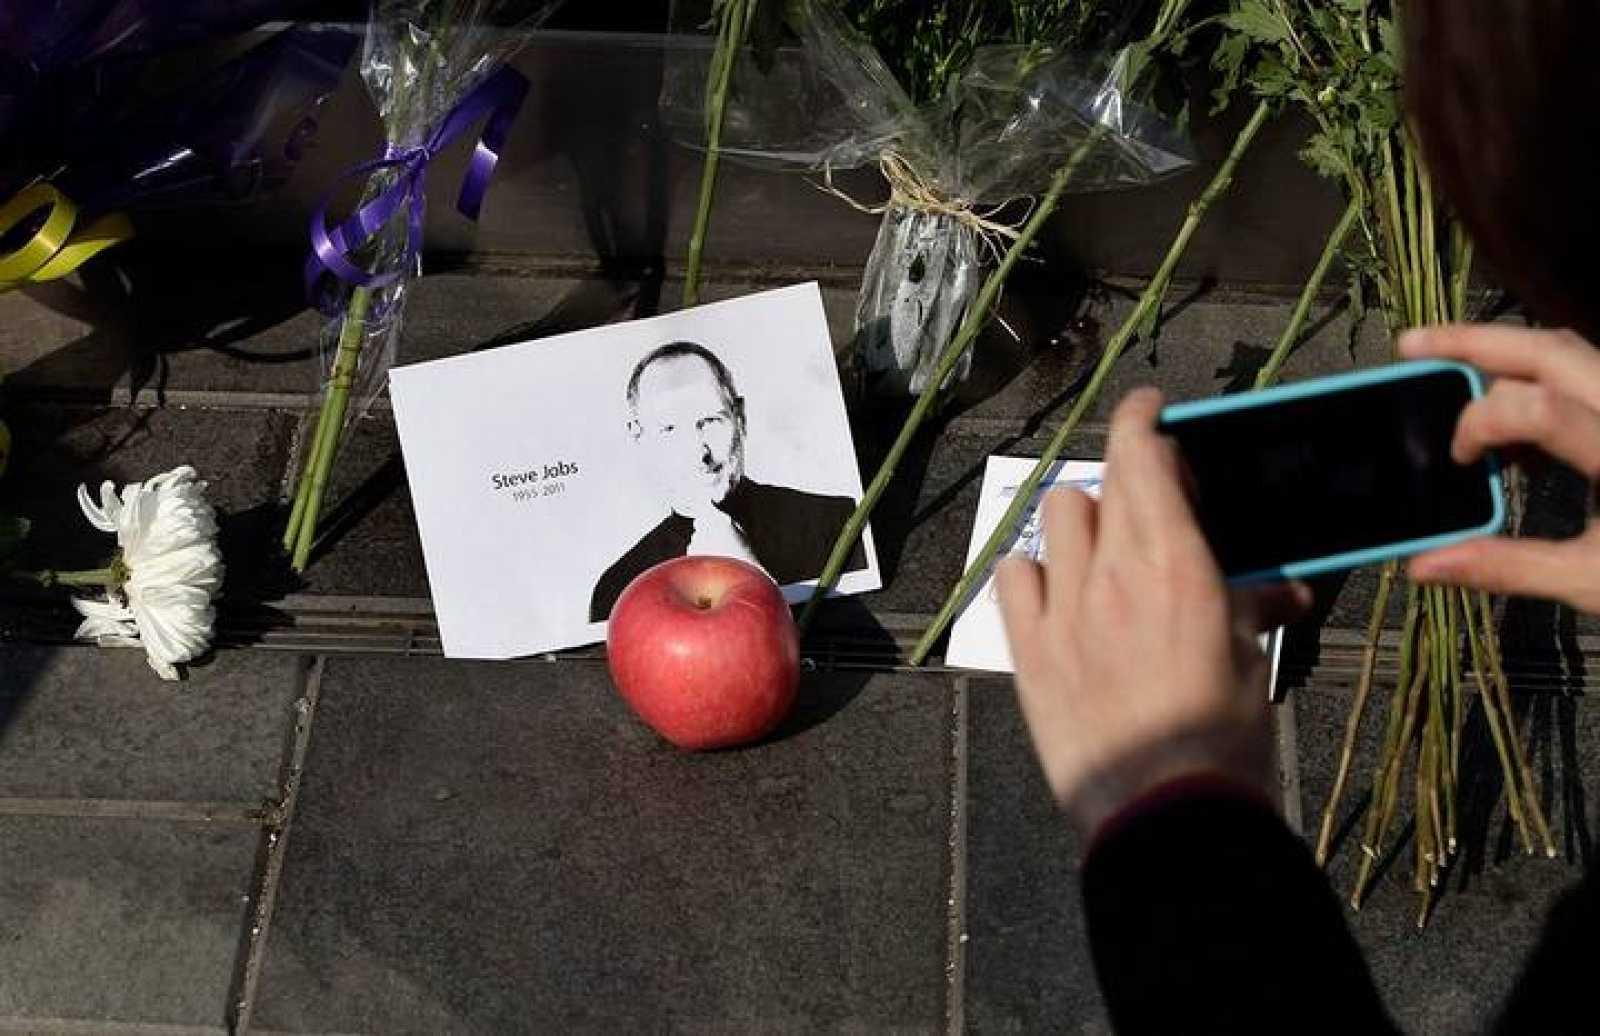 Las tiendas de Apple se han convertido en altares para homenajear a Steve Jobs